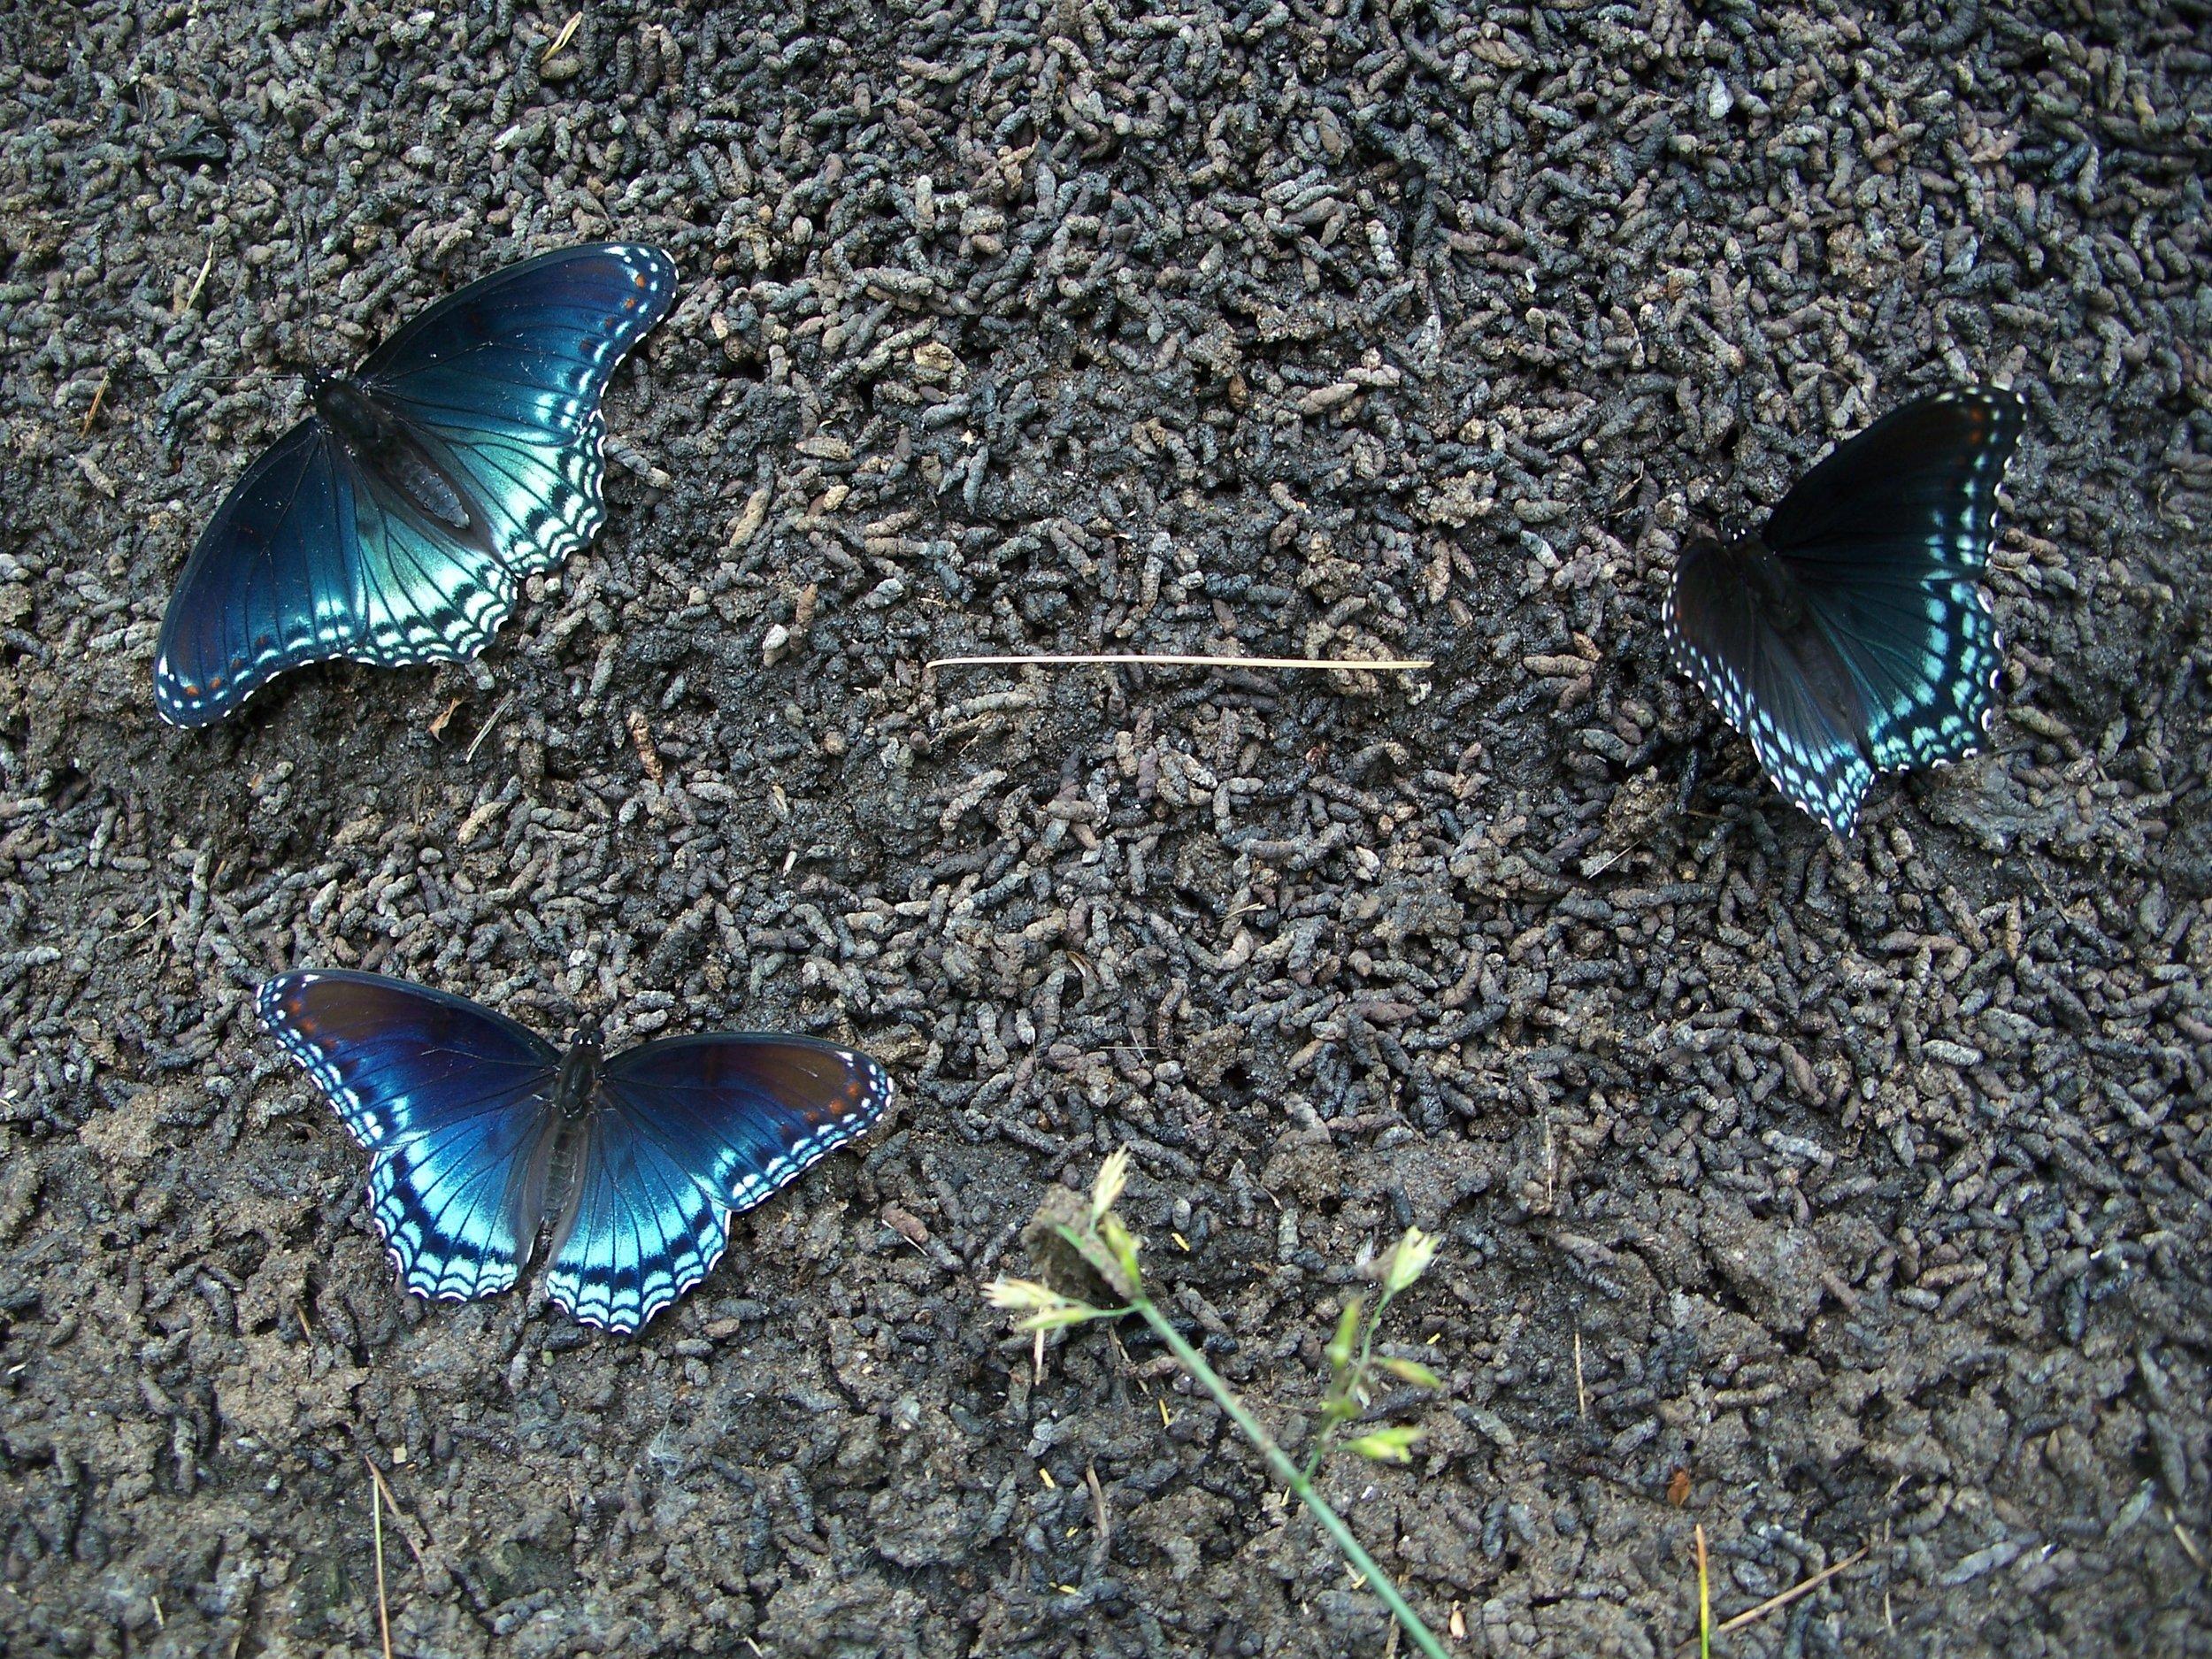 Bat guano & butterflies - By Doug Wood